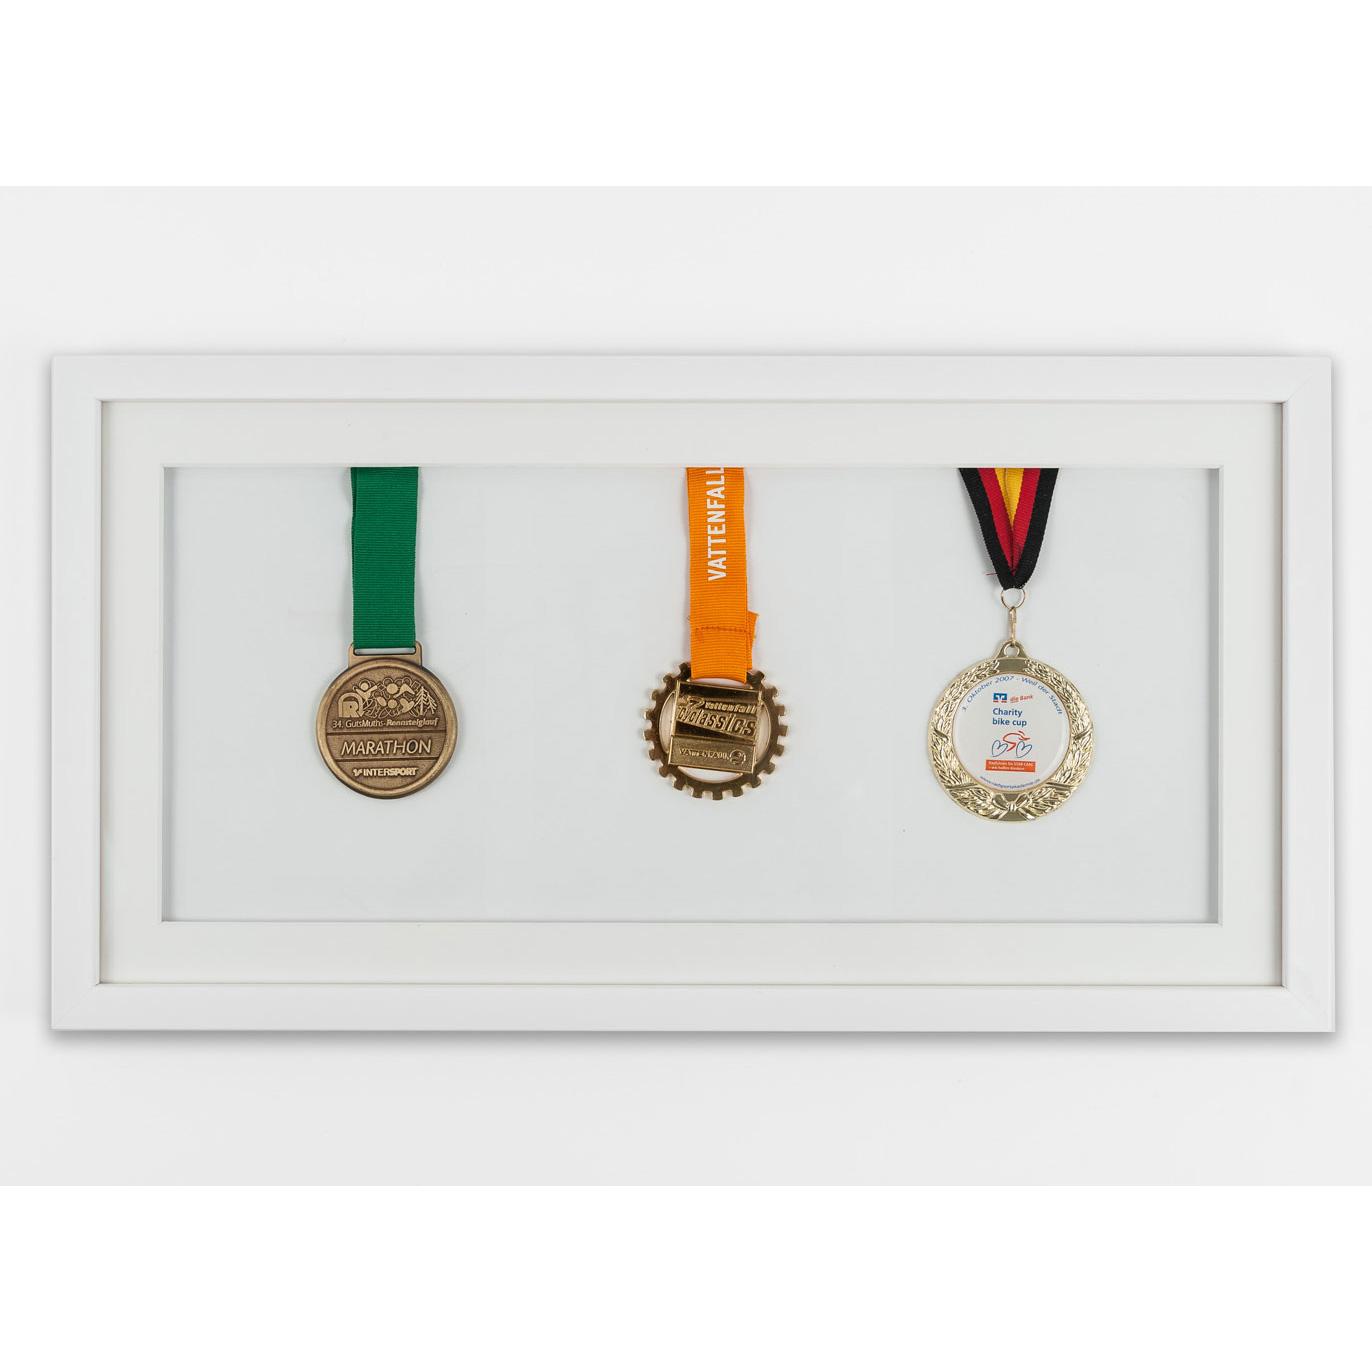 Cornice per medaglie 25x50 cm, bianco